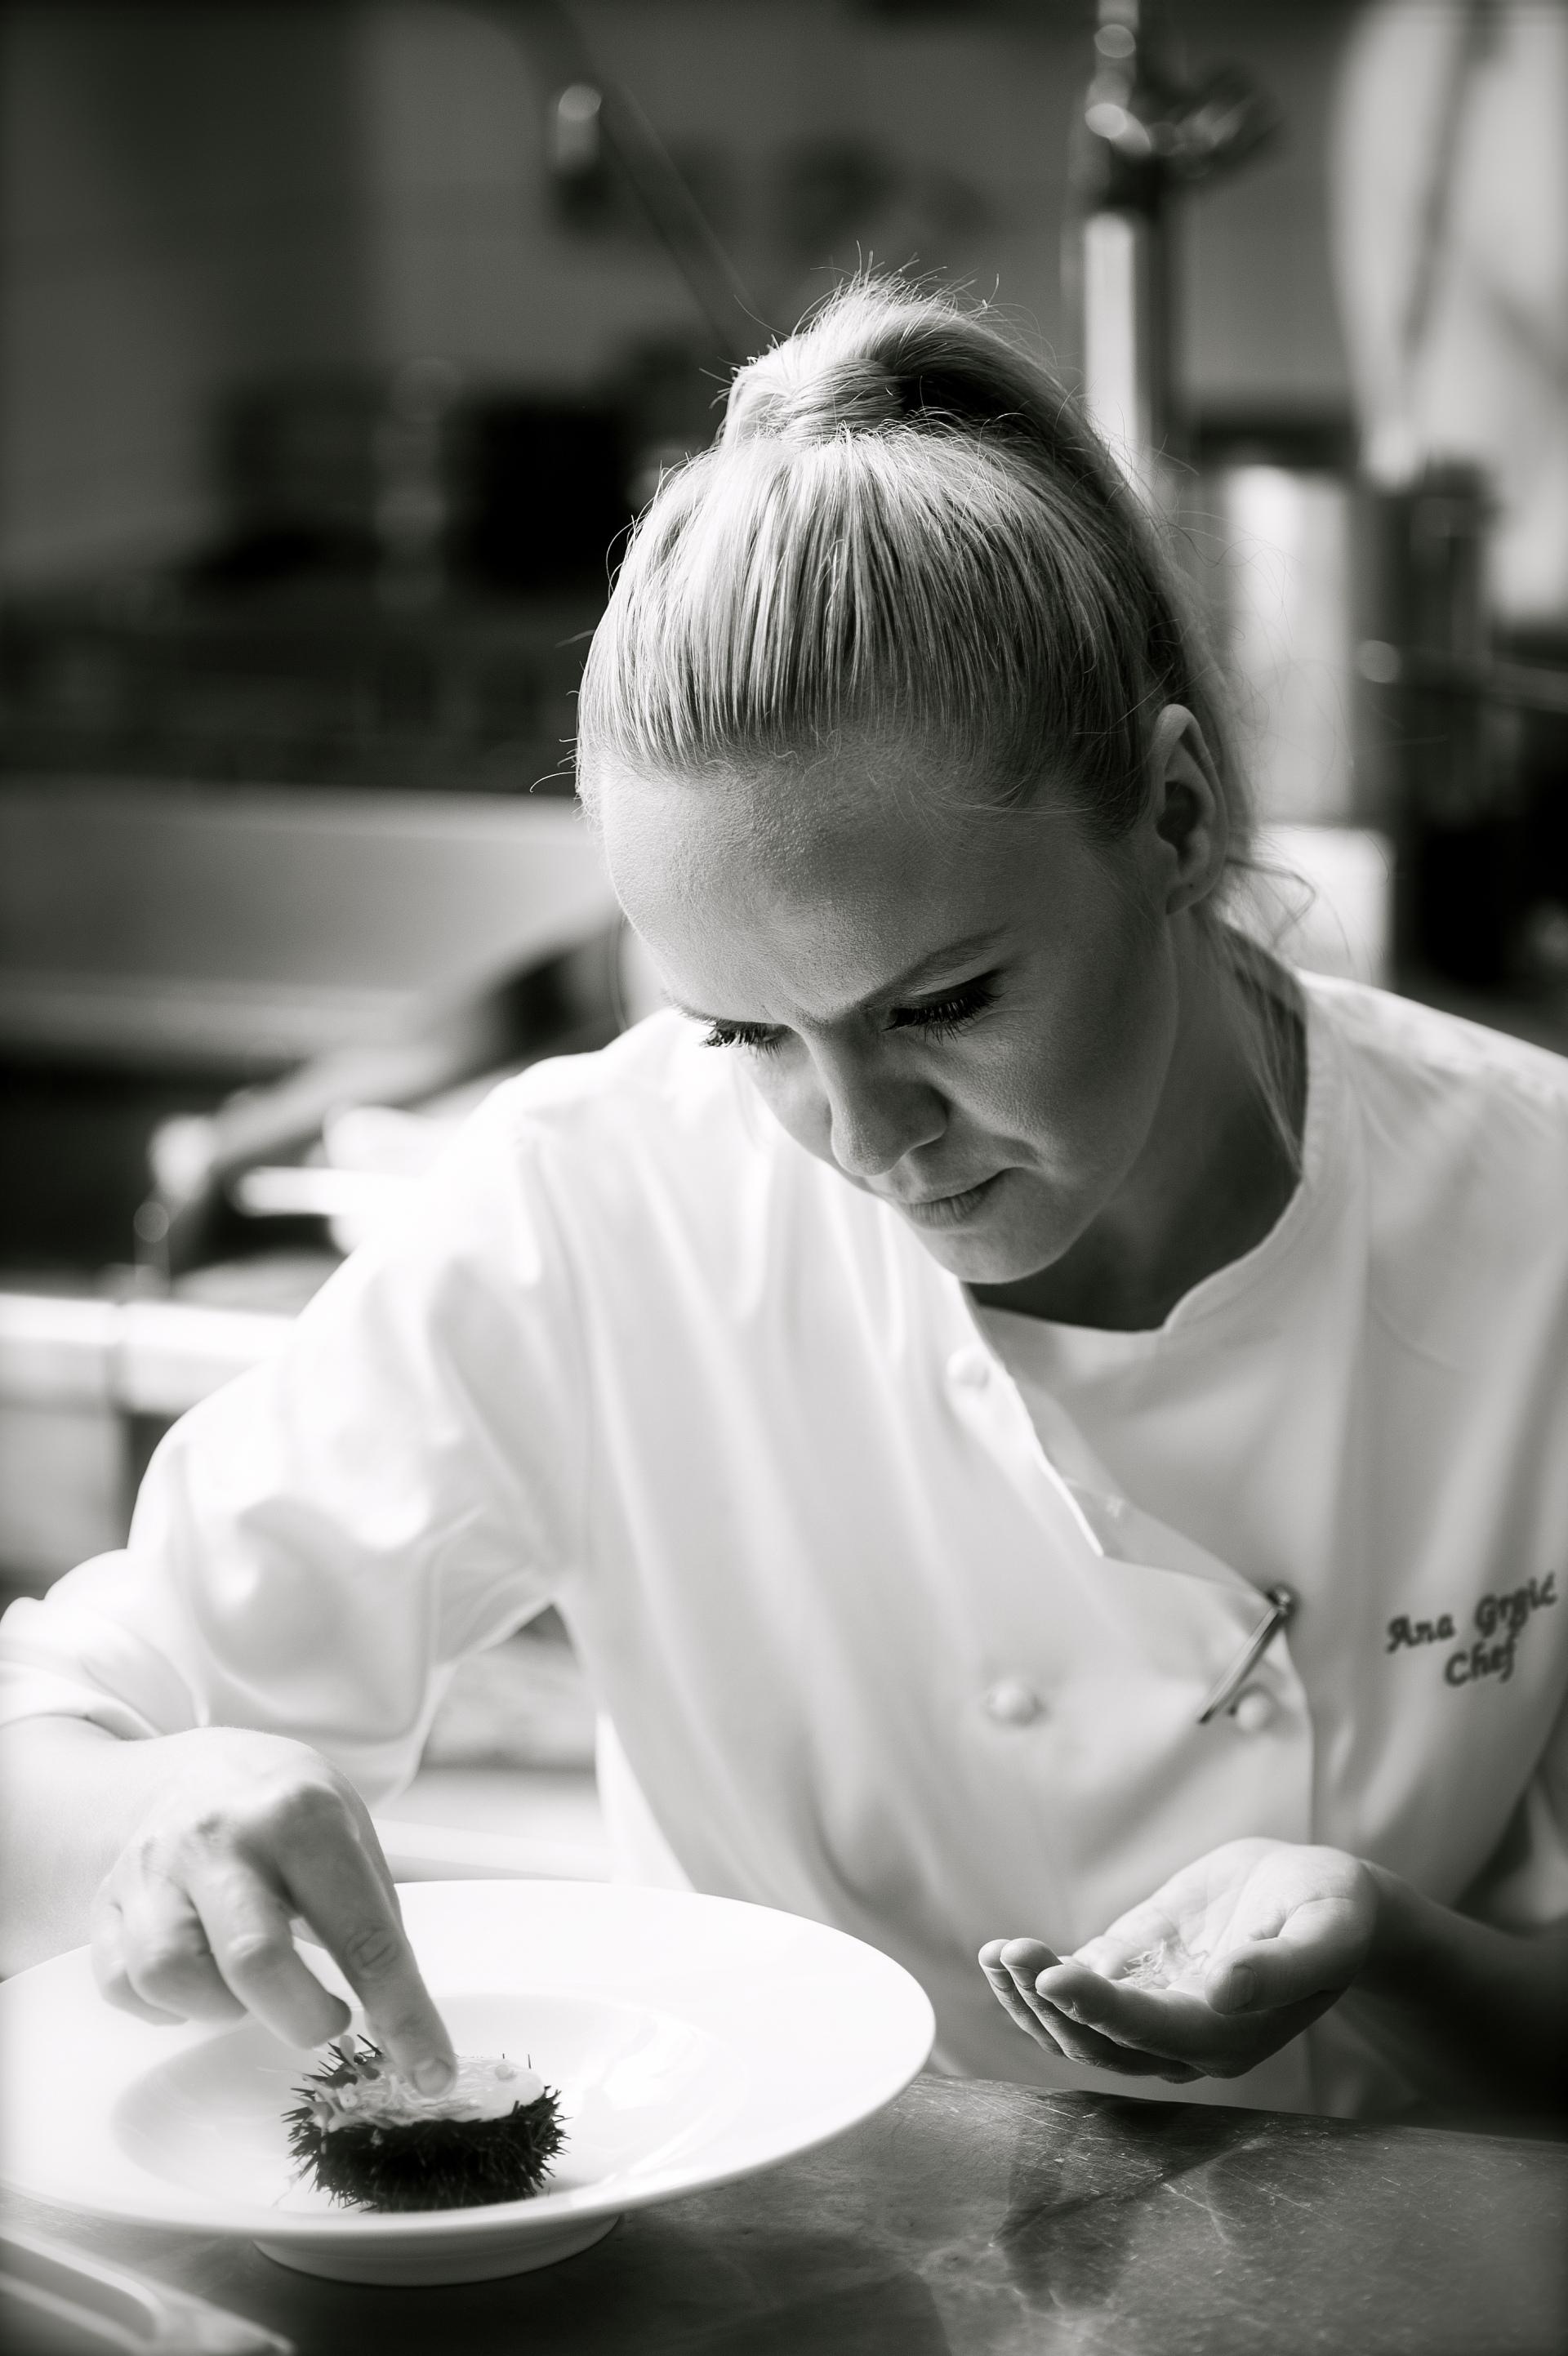 Ana GrgiÜ, Chef Esplanade Zagreb Hotel